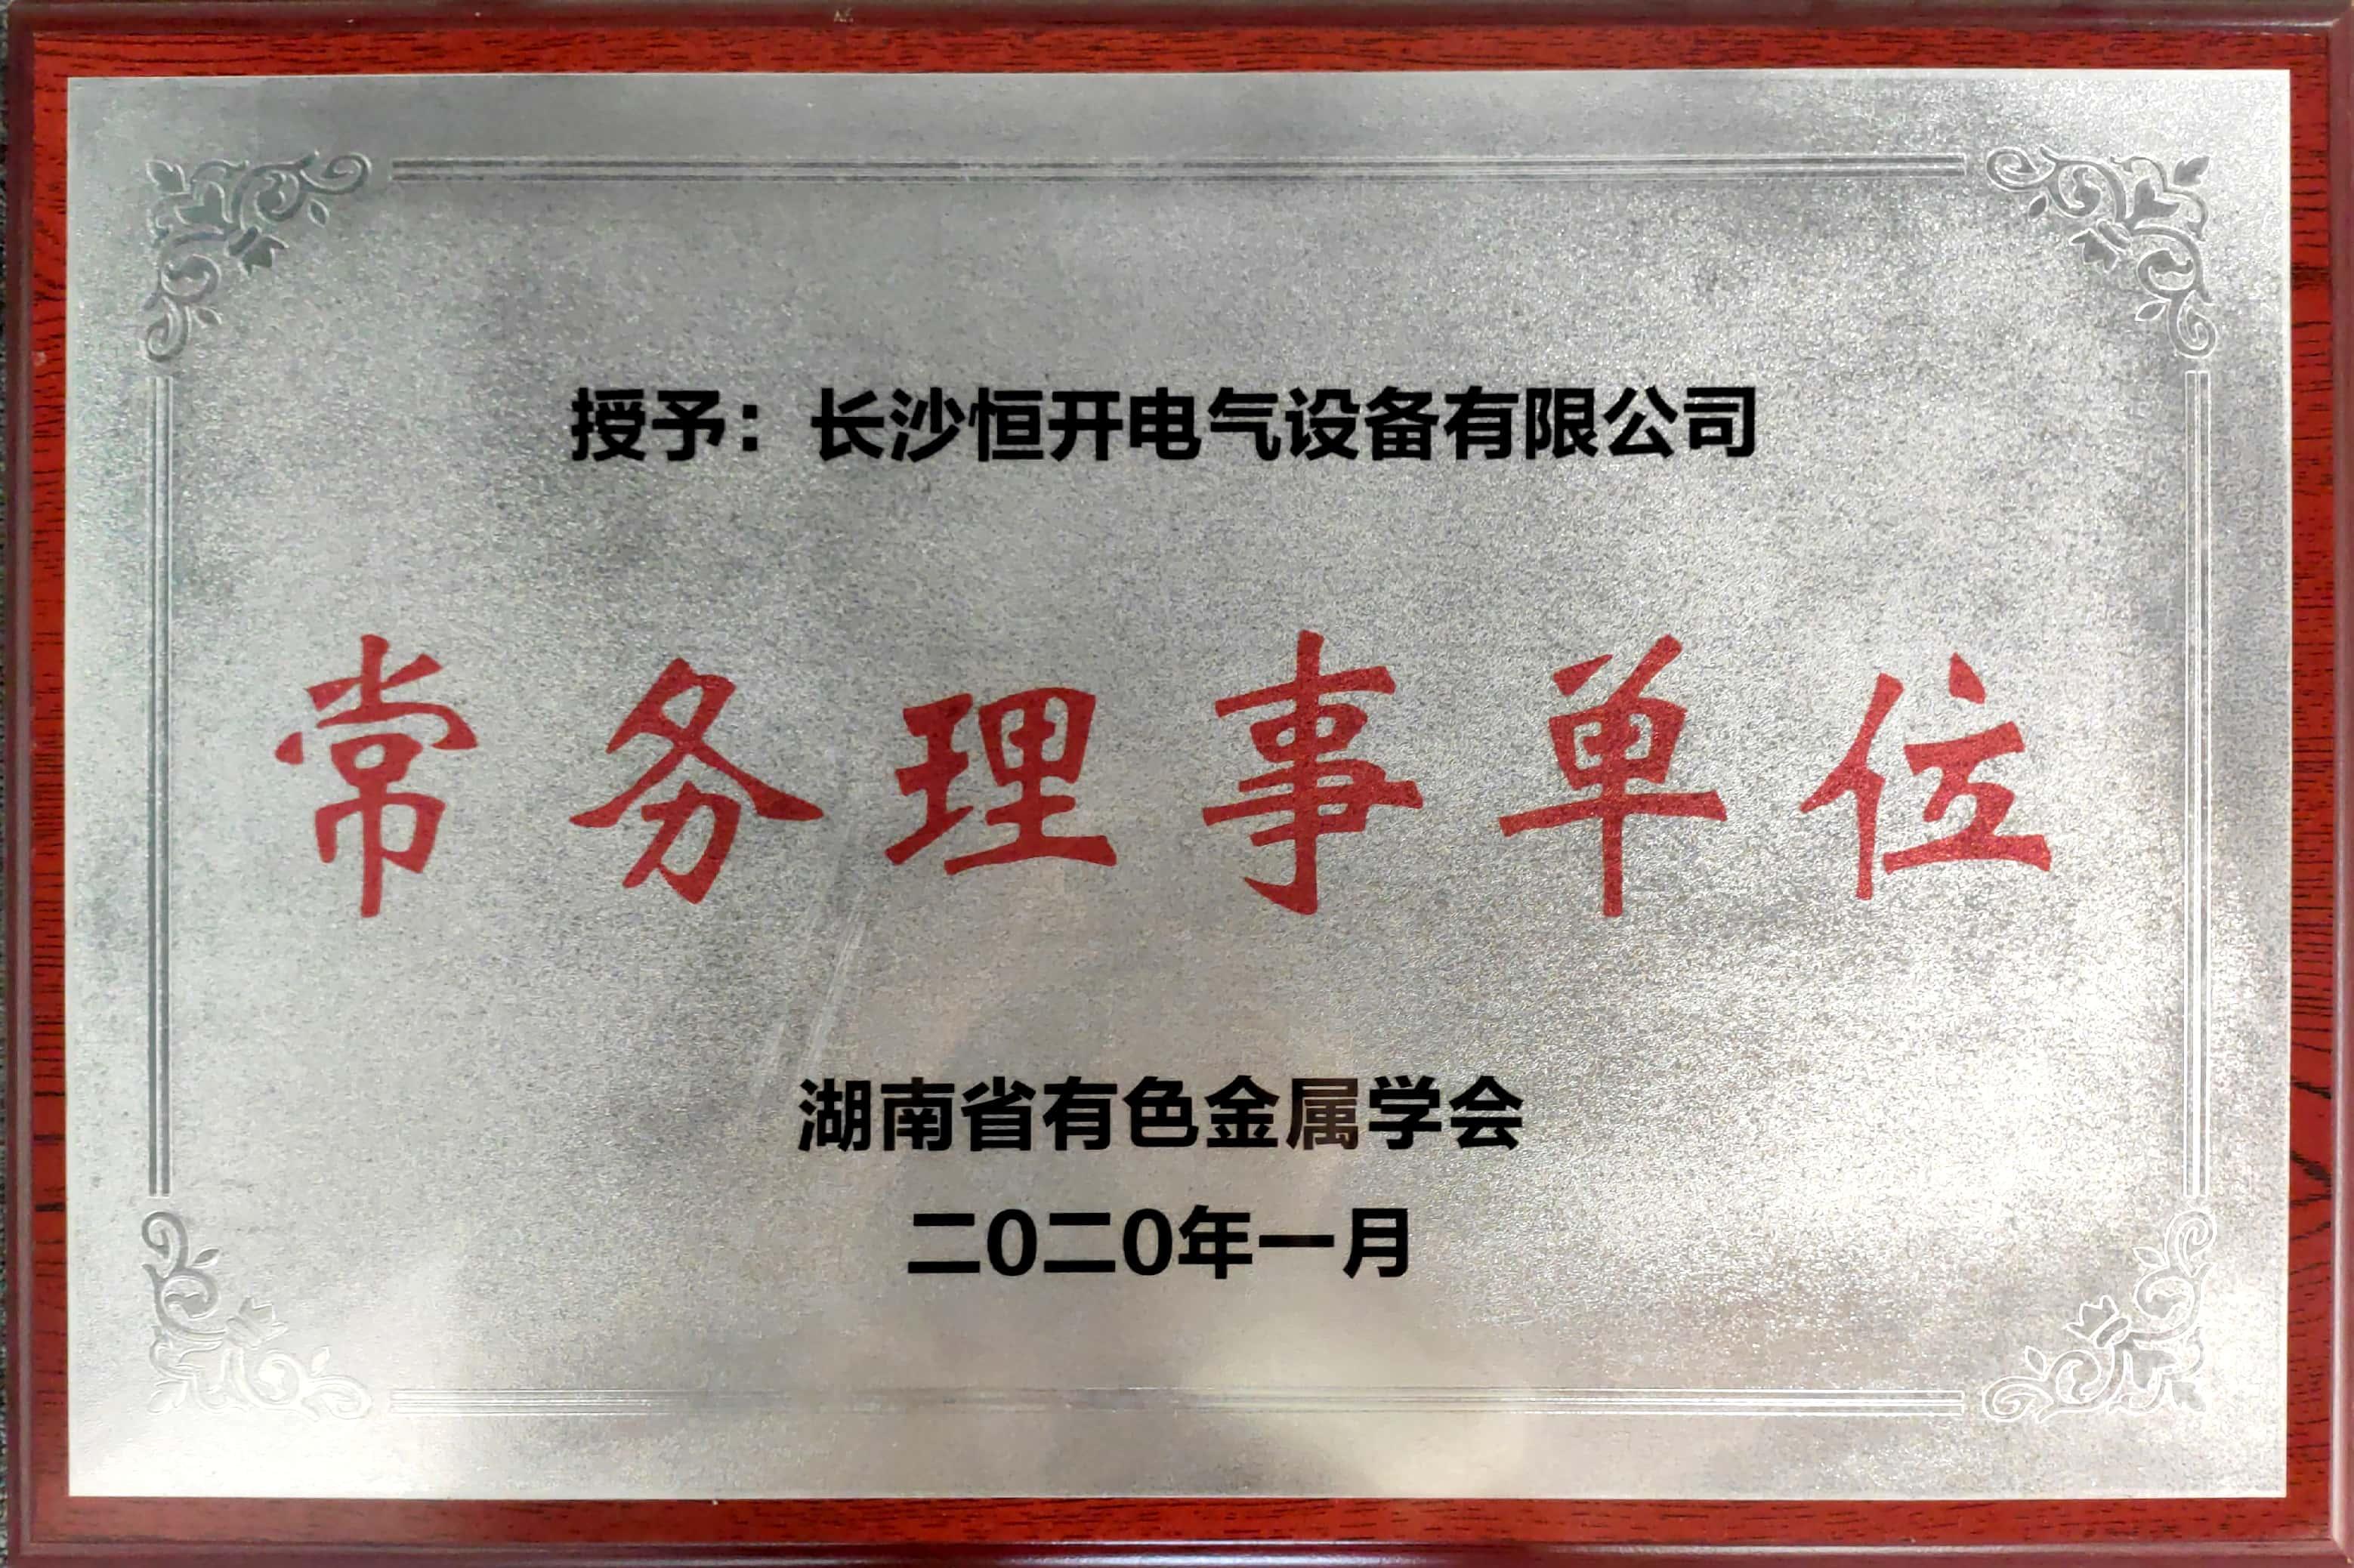 湖南省有色金属学会:常务理事单位